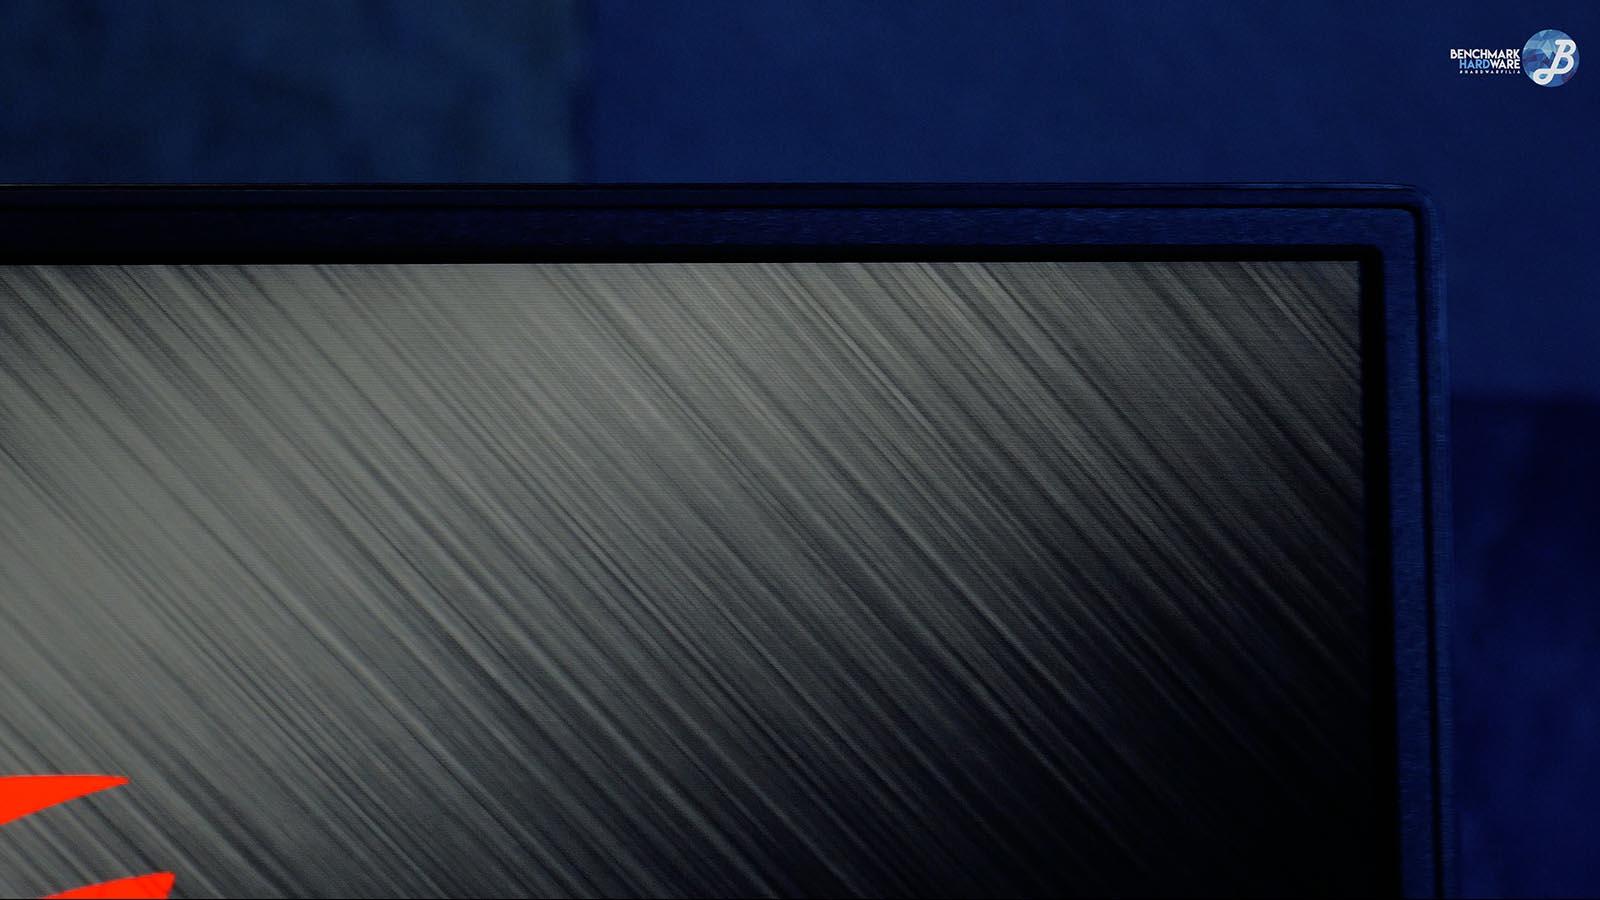 Asus Scar II - Biseles pantalla